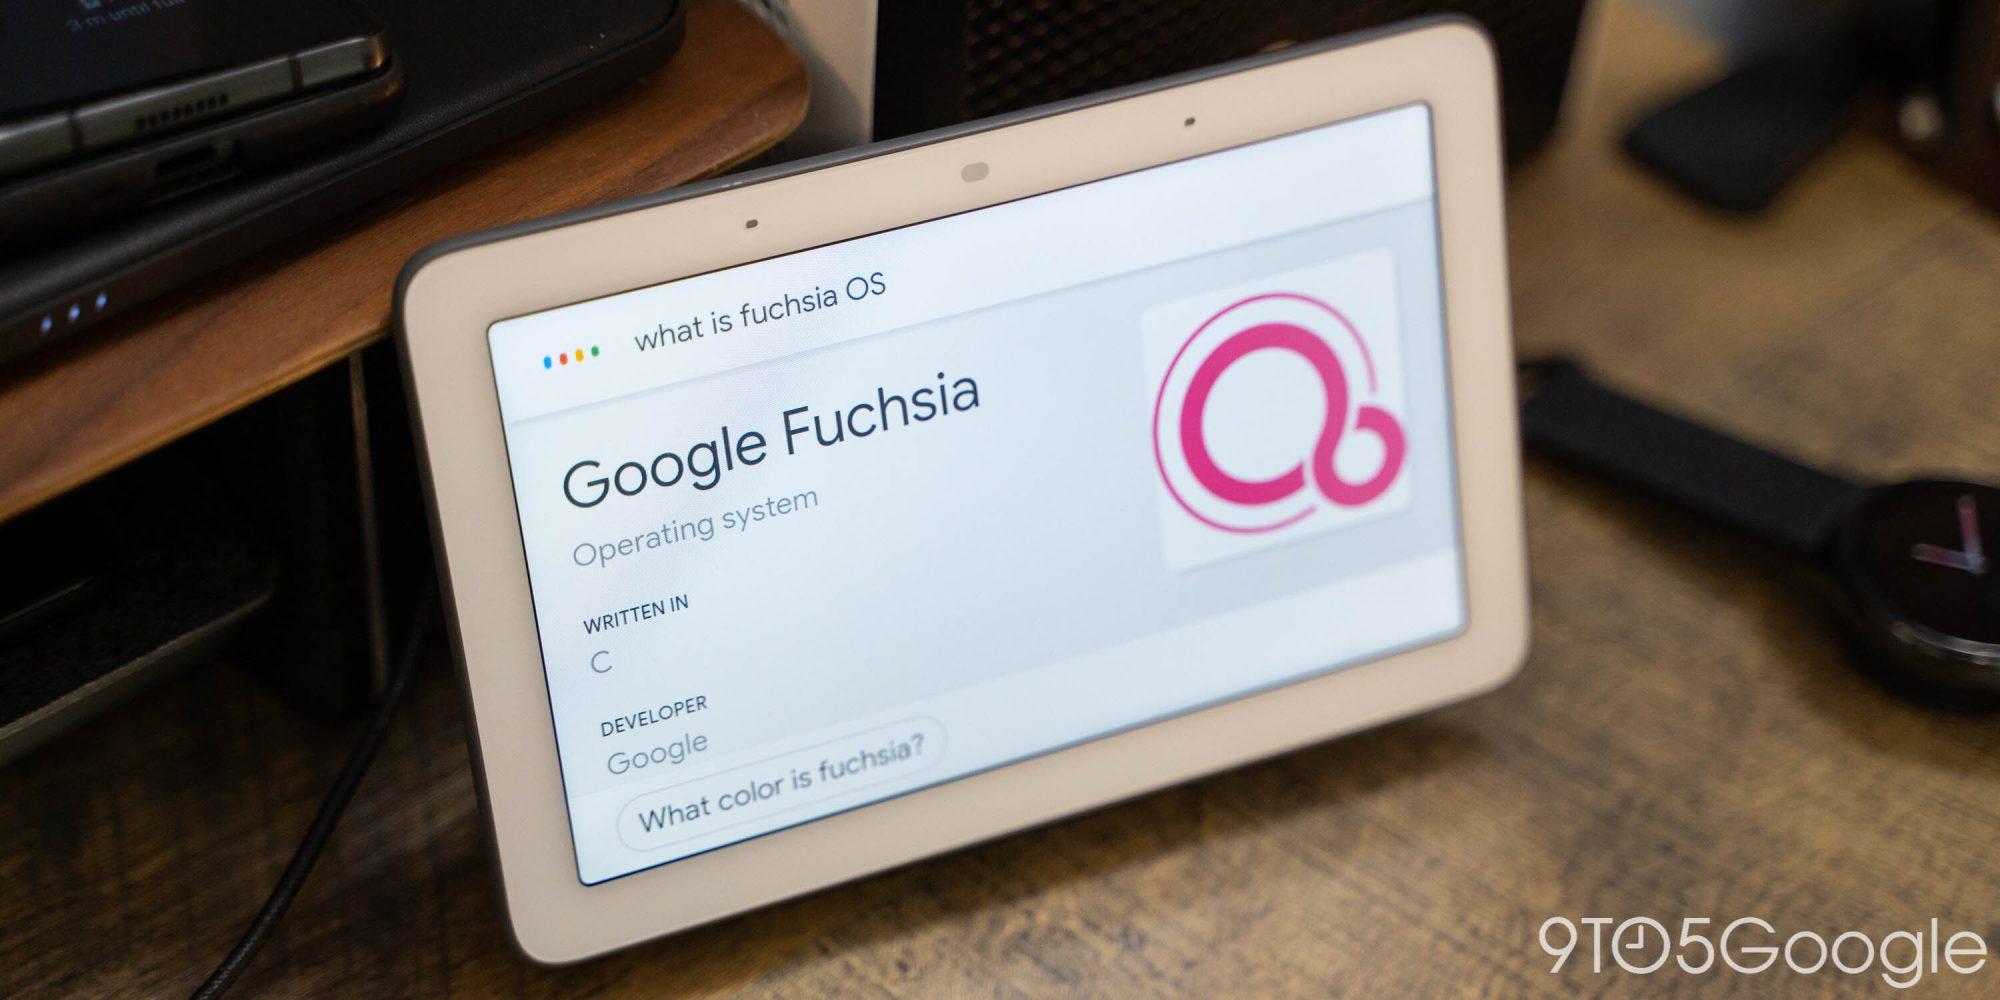 google-nest-hub-fuchsia-os.jpg?w=2000&qu